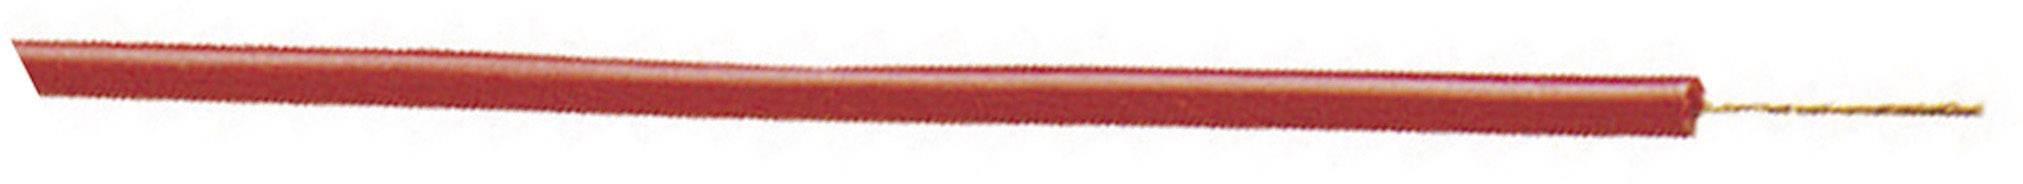 Opletenie / lanko Stäubli 61.7553-10023 SILI-E, 1 x 0.75 mm², vonkajší Ø 2.70 mm, metrový tovar, modrá